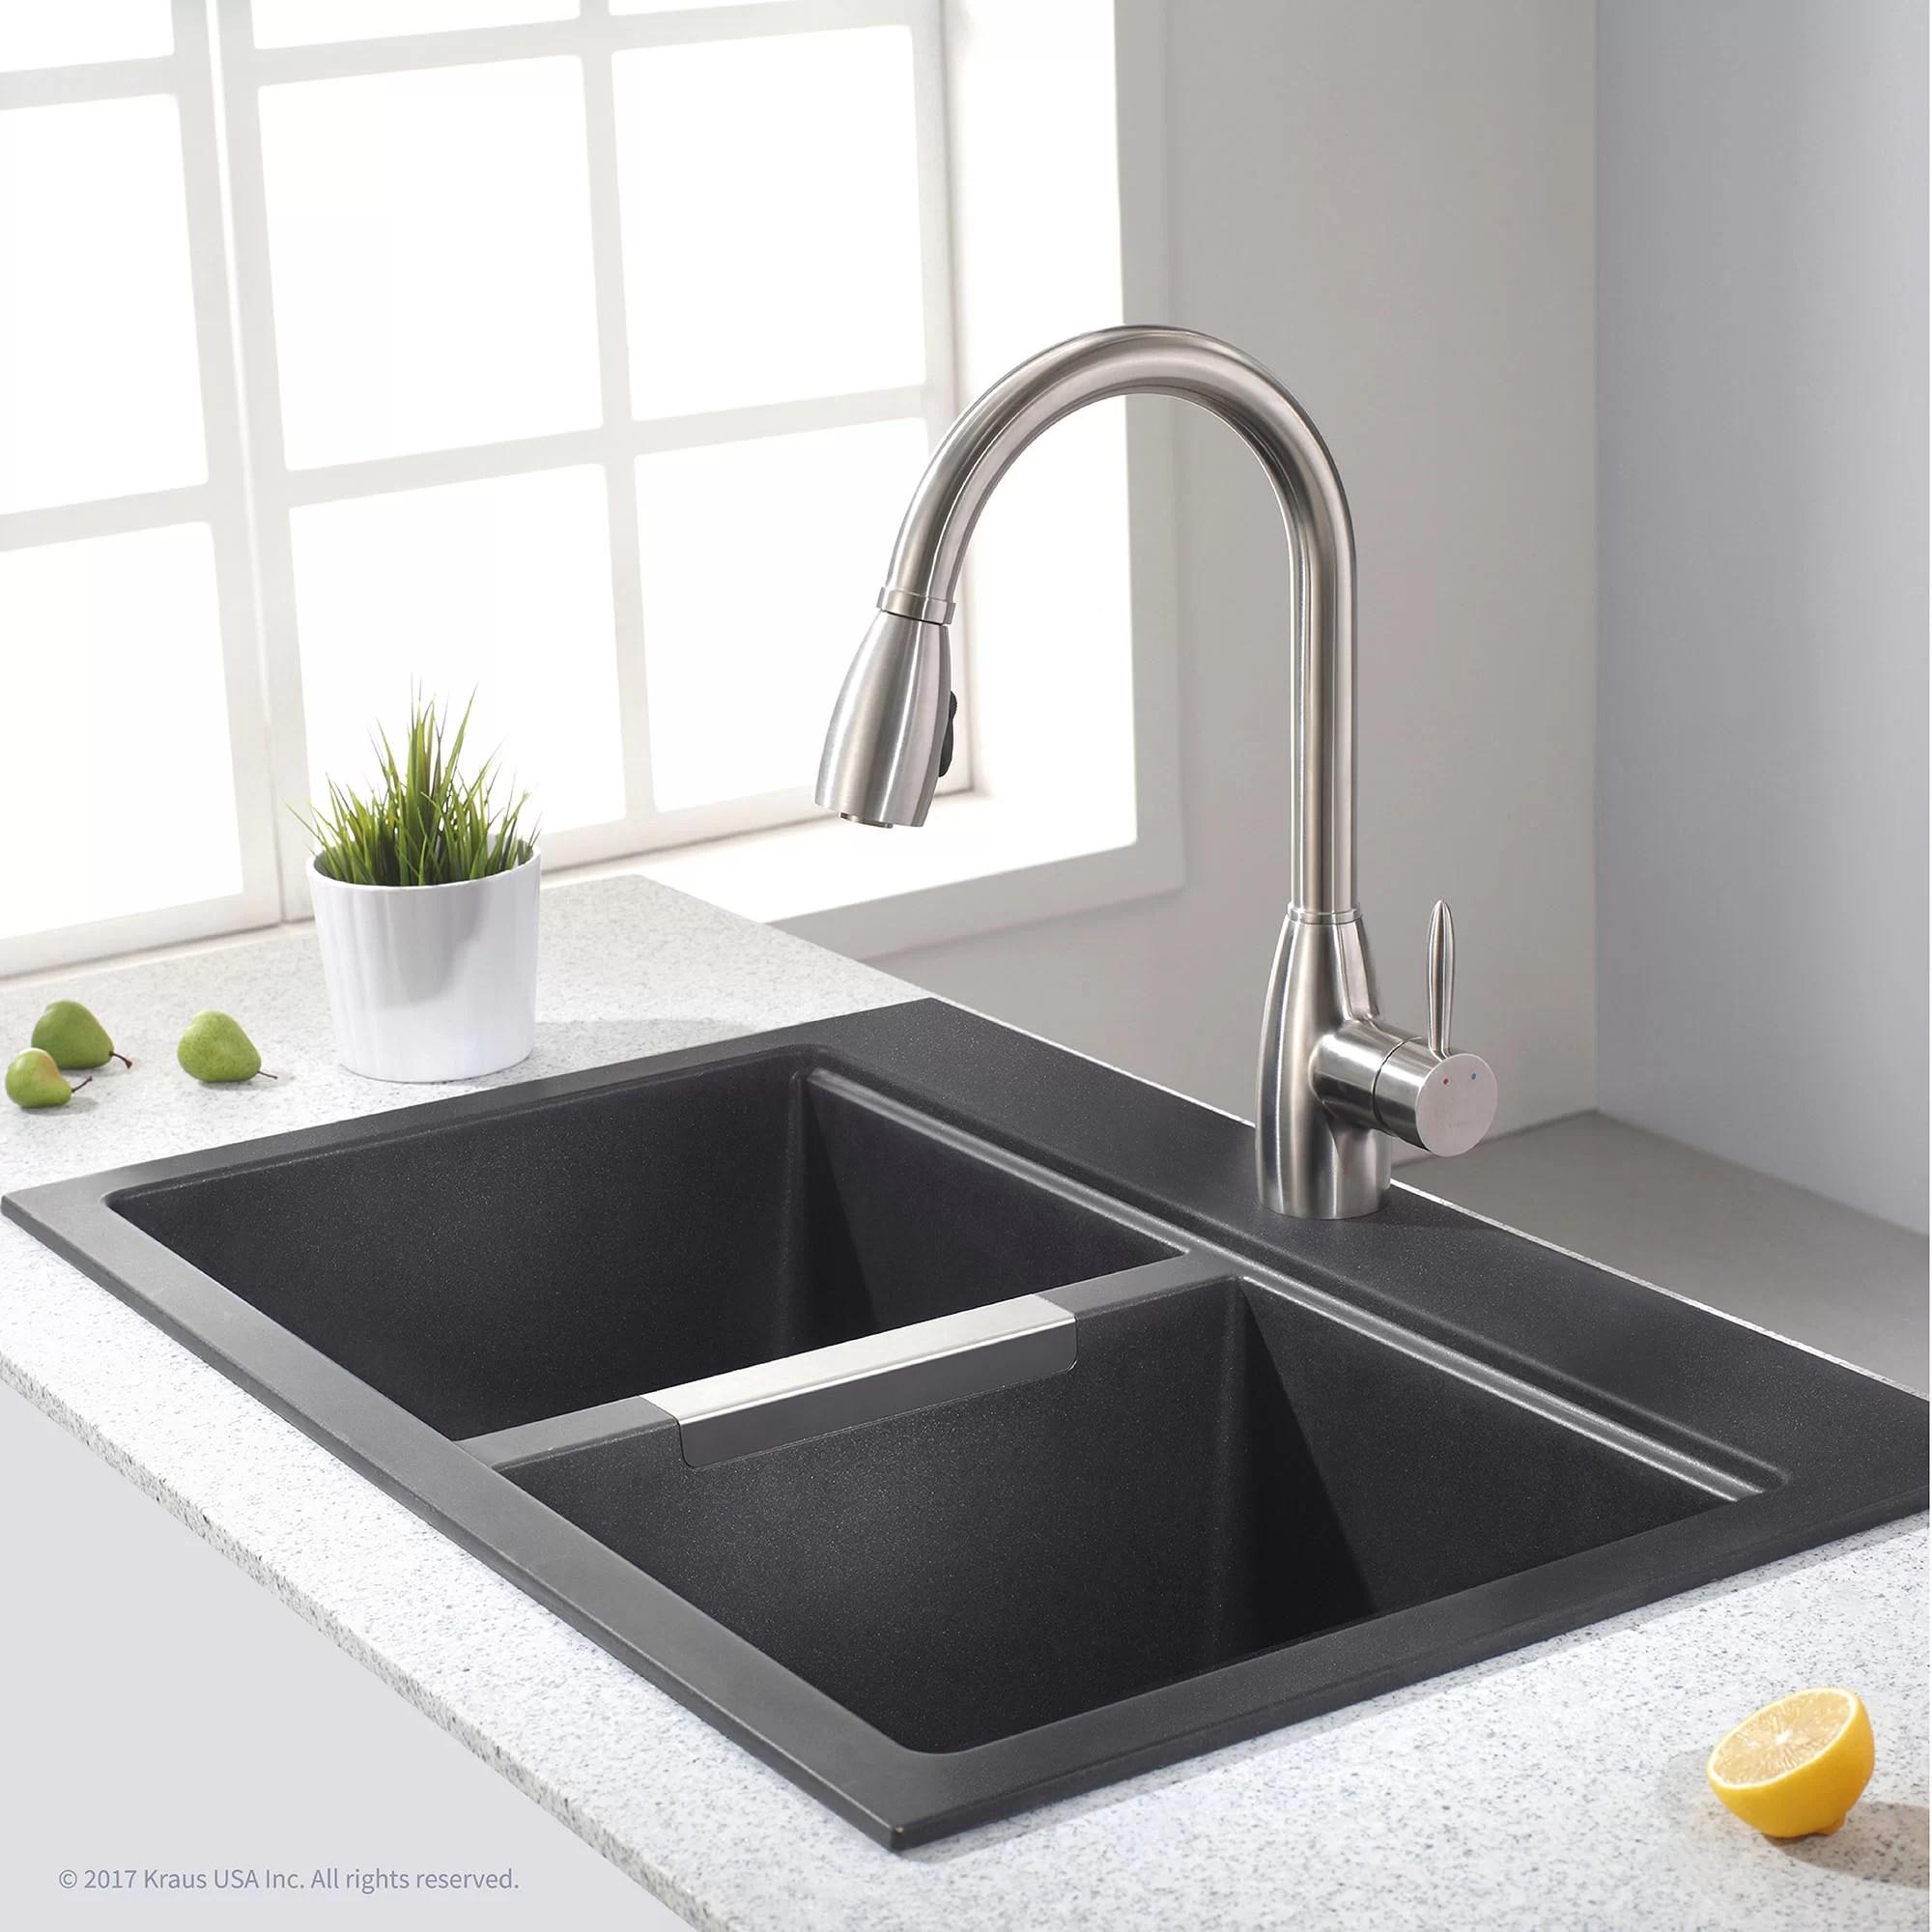 w dual mount kitchen sink